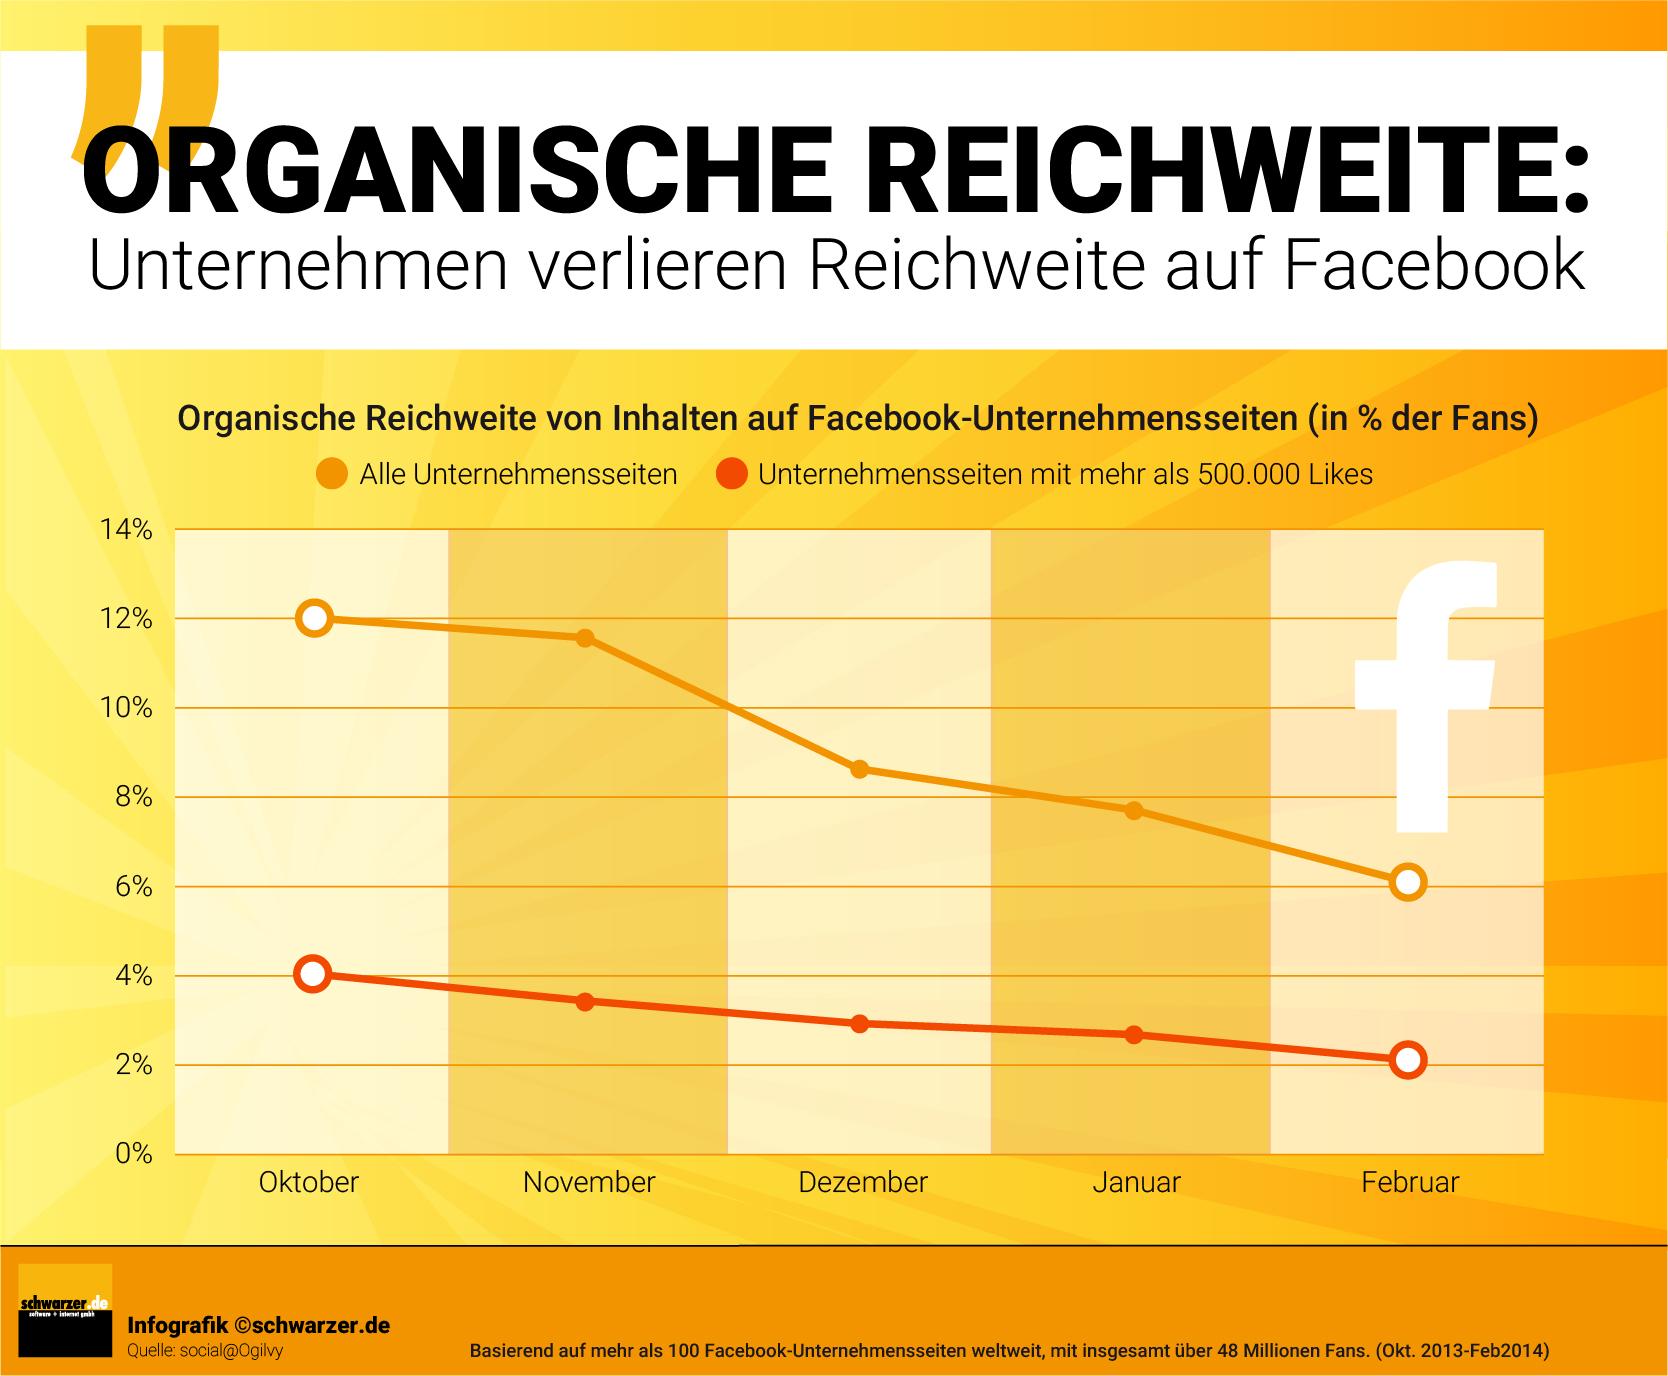 Infografik: Unternehmen verlieren organische Reichweite bei Facebook.